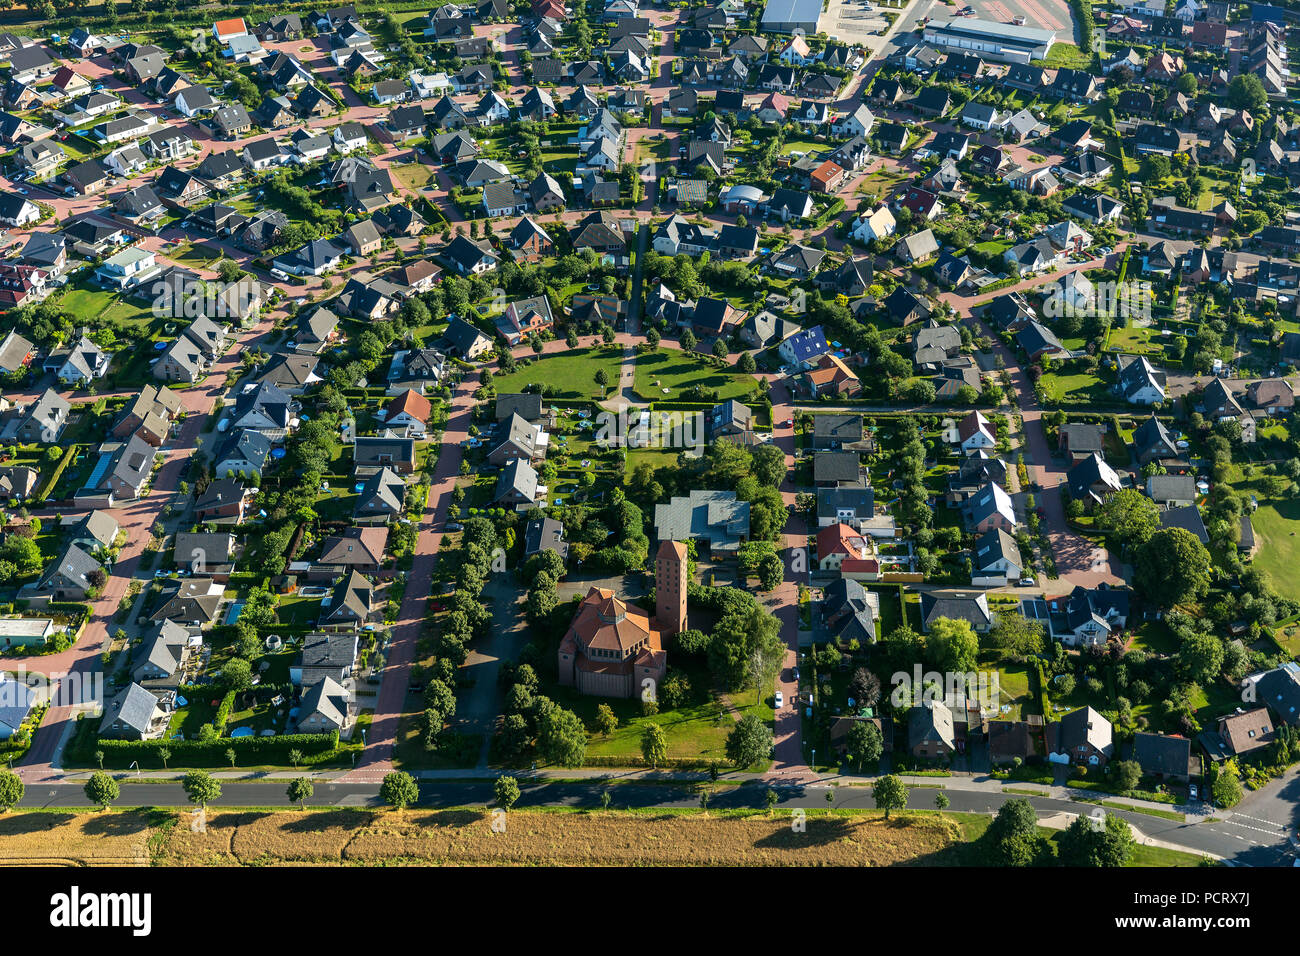 Contorno de herradura, asentamiento con centro social, zona de juegos infantil, asentamiento Hau, Reindershof Bedburg-Hau, Bajo Rhin, Renania del Norte-Westfalia, Alemania, Europa Imagen De Stock